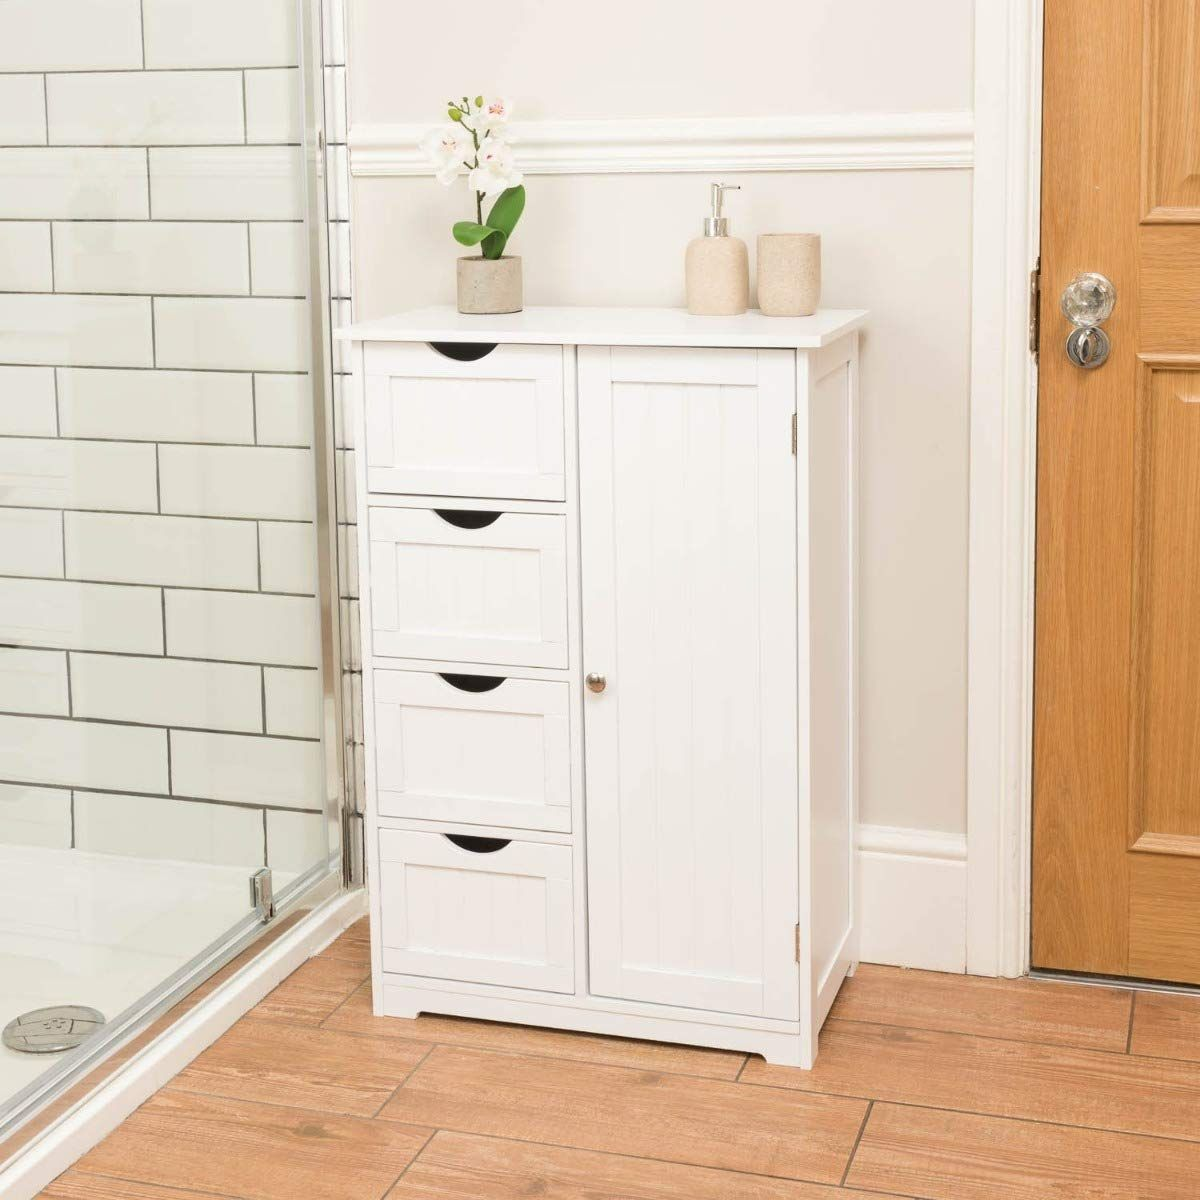 Christow White Wooden Bathroom Storage Cabinet 1 Door 4 Drawer Cupboard Freestanding Sing Bathroom Furniture Storage Cupboard Storage Clever Bathroom Storage